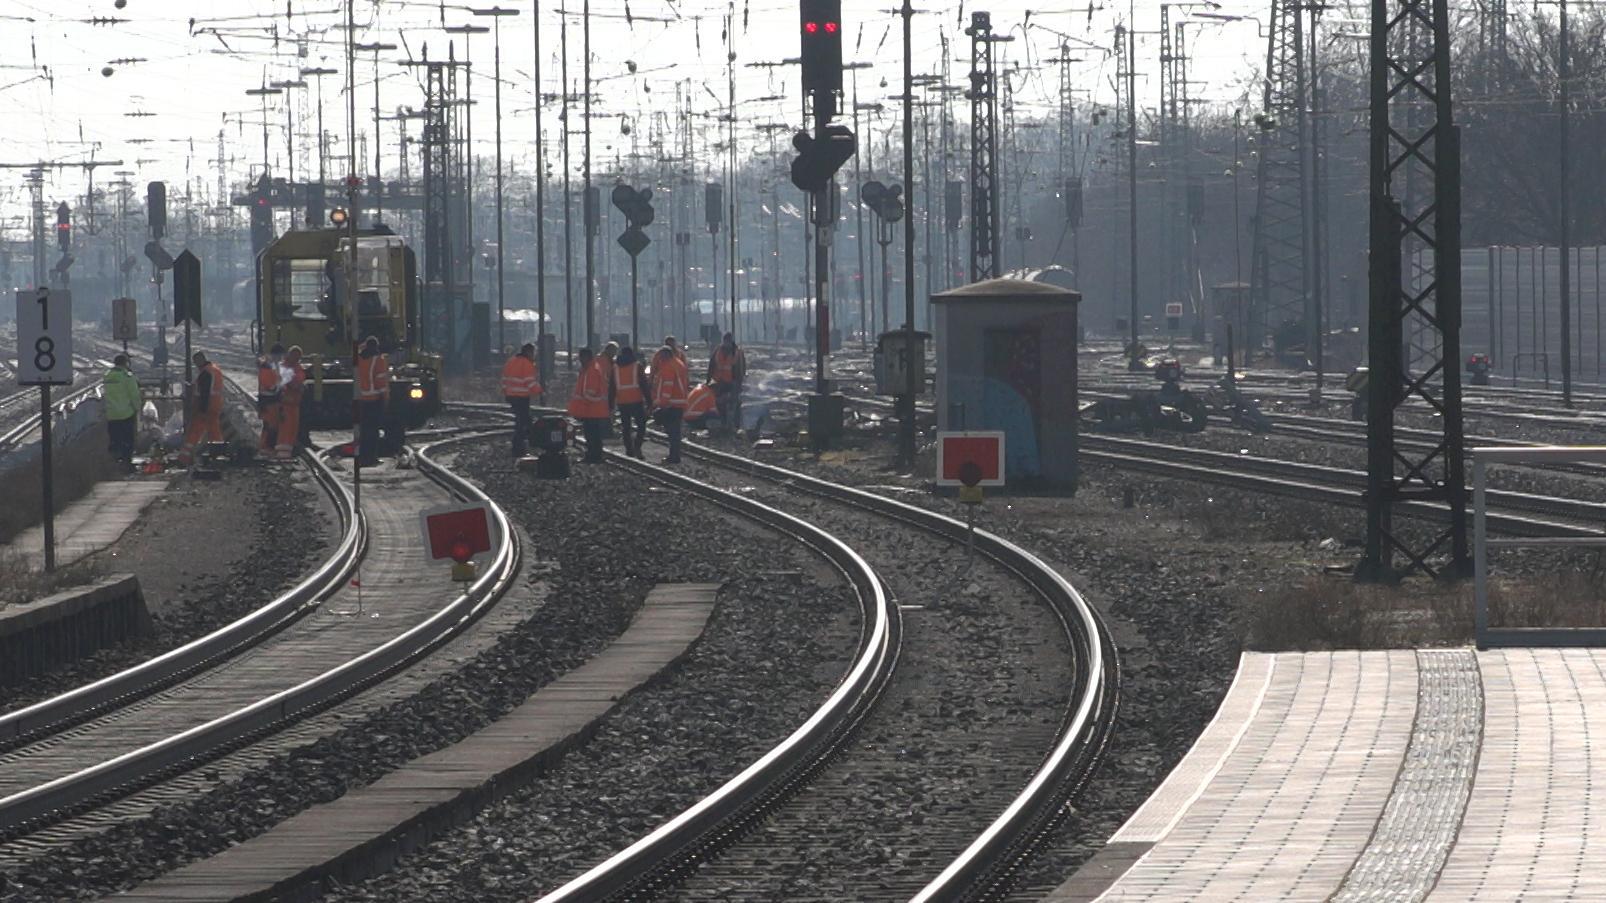 Blick vom Bahnsteig in Augsburg-Oberhausen auf die Stelle, an der ein Güterzug entgleist ist